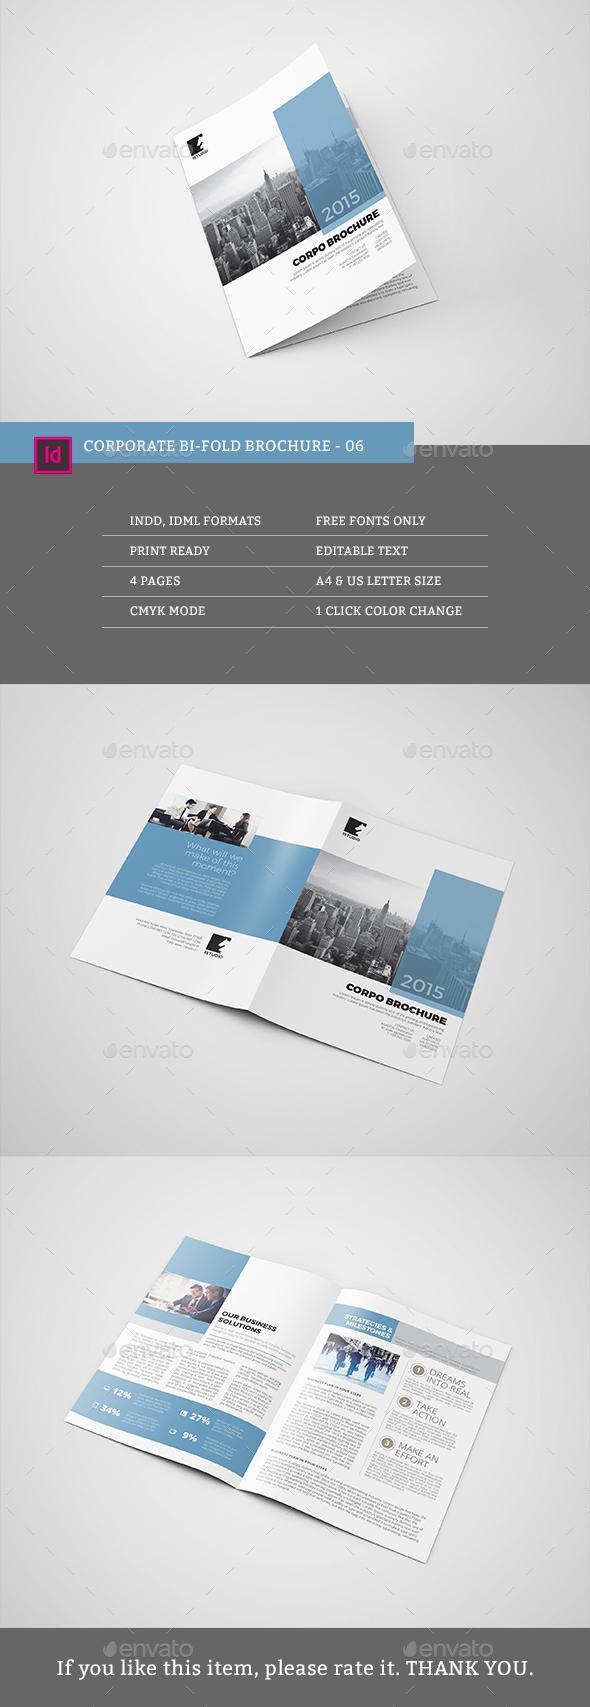 Corporate Bi-fold Brochure 06 - Corporate Brochures